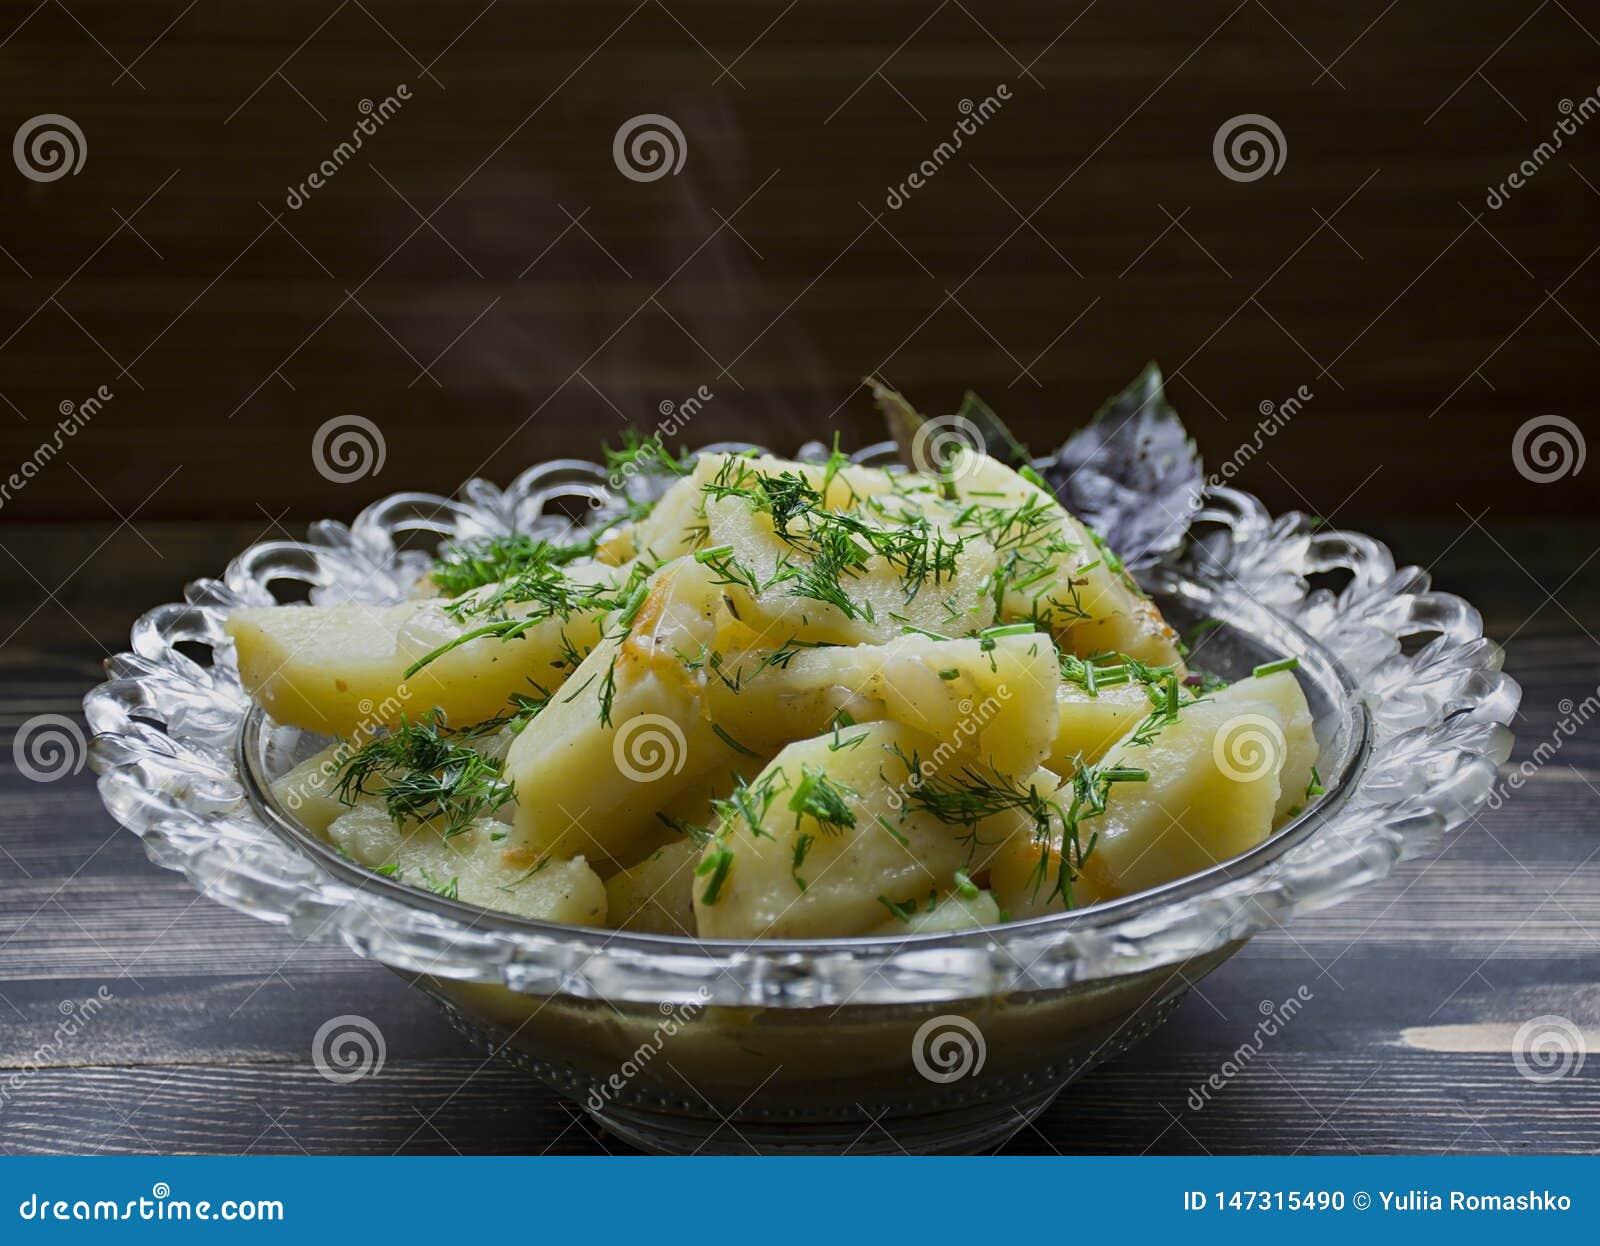 Pomme de terre cuite avec des l?gumes et des herbes D?jeuner savoureux et nutritif